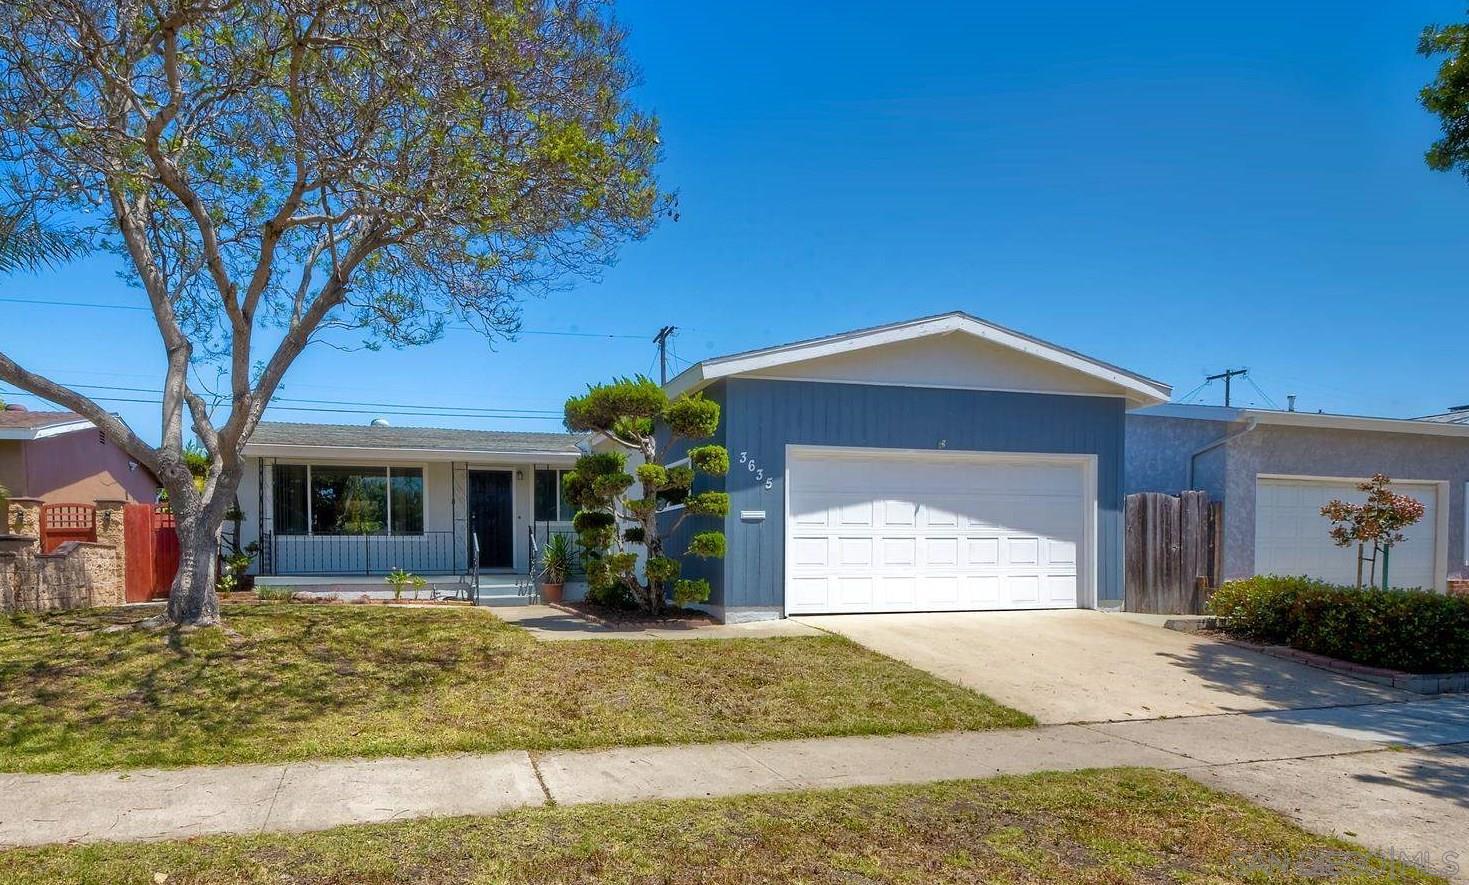 3635 Ashford St, San Diego CA 92111